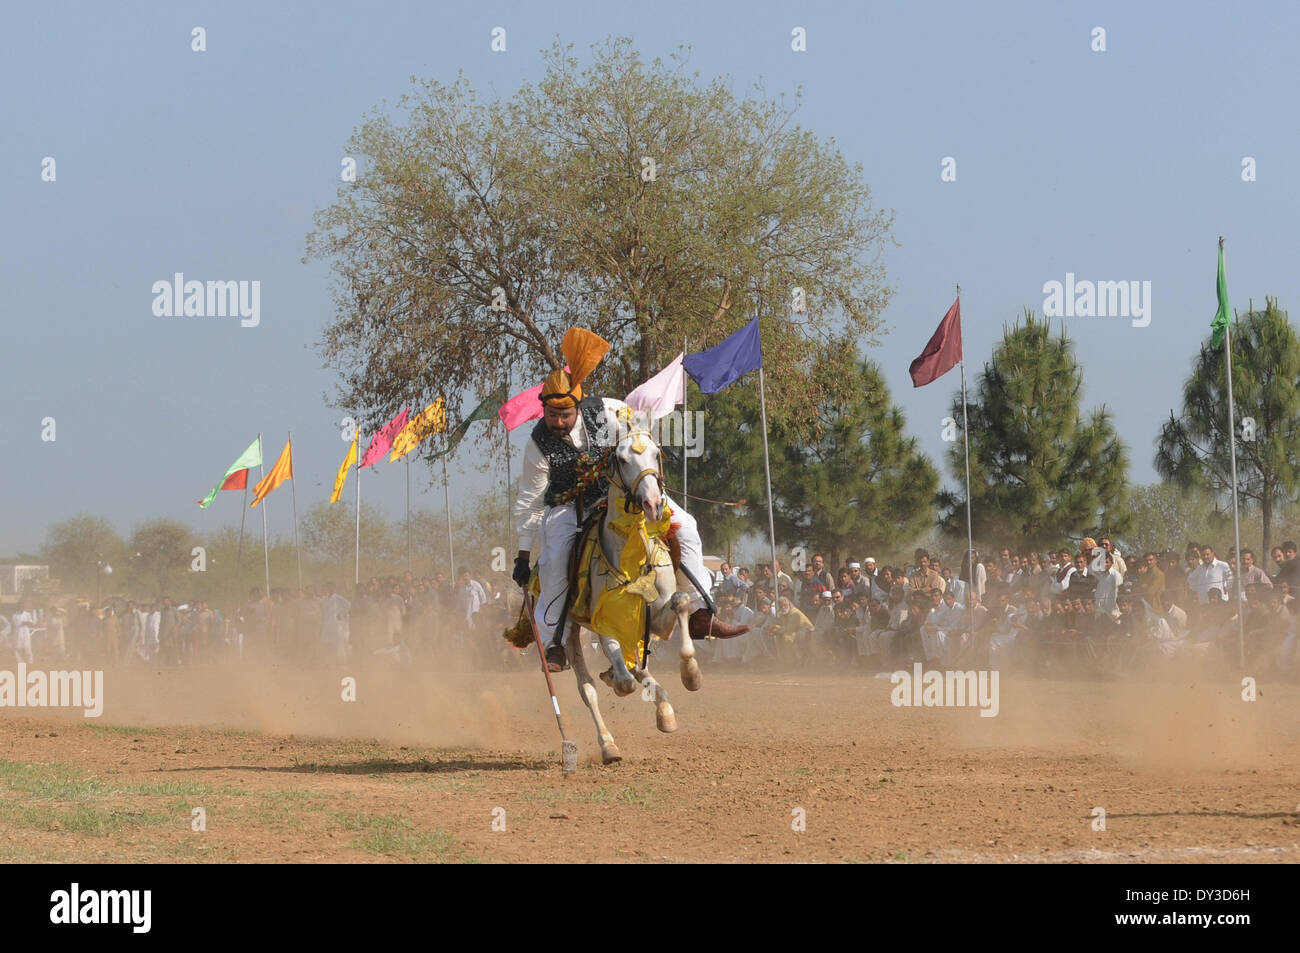 (140405)--ISLAMABAD, 5. April 2014 (Xinhua)--ein Pferd, die Fahrer in einem Zelt pegging Wettbewerb beim Frühlingsfest in Islamabad, der Hauptstadt von Pakistan am 5. April 2014 beteiligt ist. Mehr als 300 namhafte Reiter nahmen an der Veranstaltung, die von Capital Development Authority (CDA) organisiert wurde, Freizeitaktivitäten für Bereitstellung von gesunden Umwelt für die Bewohner der Bundeshauptstadt zu fördern. (Xinhua/Ahmad Kamal) Stockbild